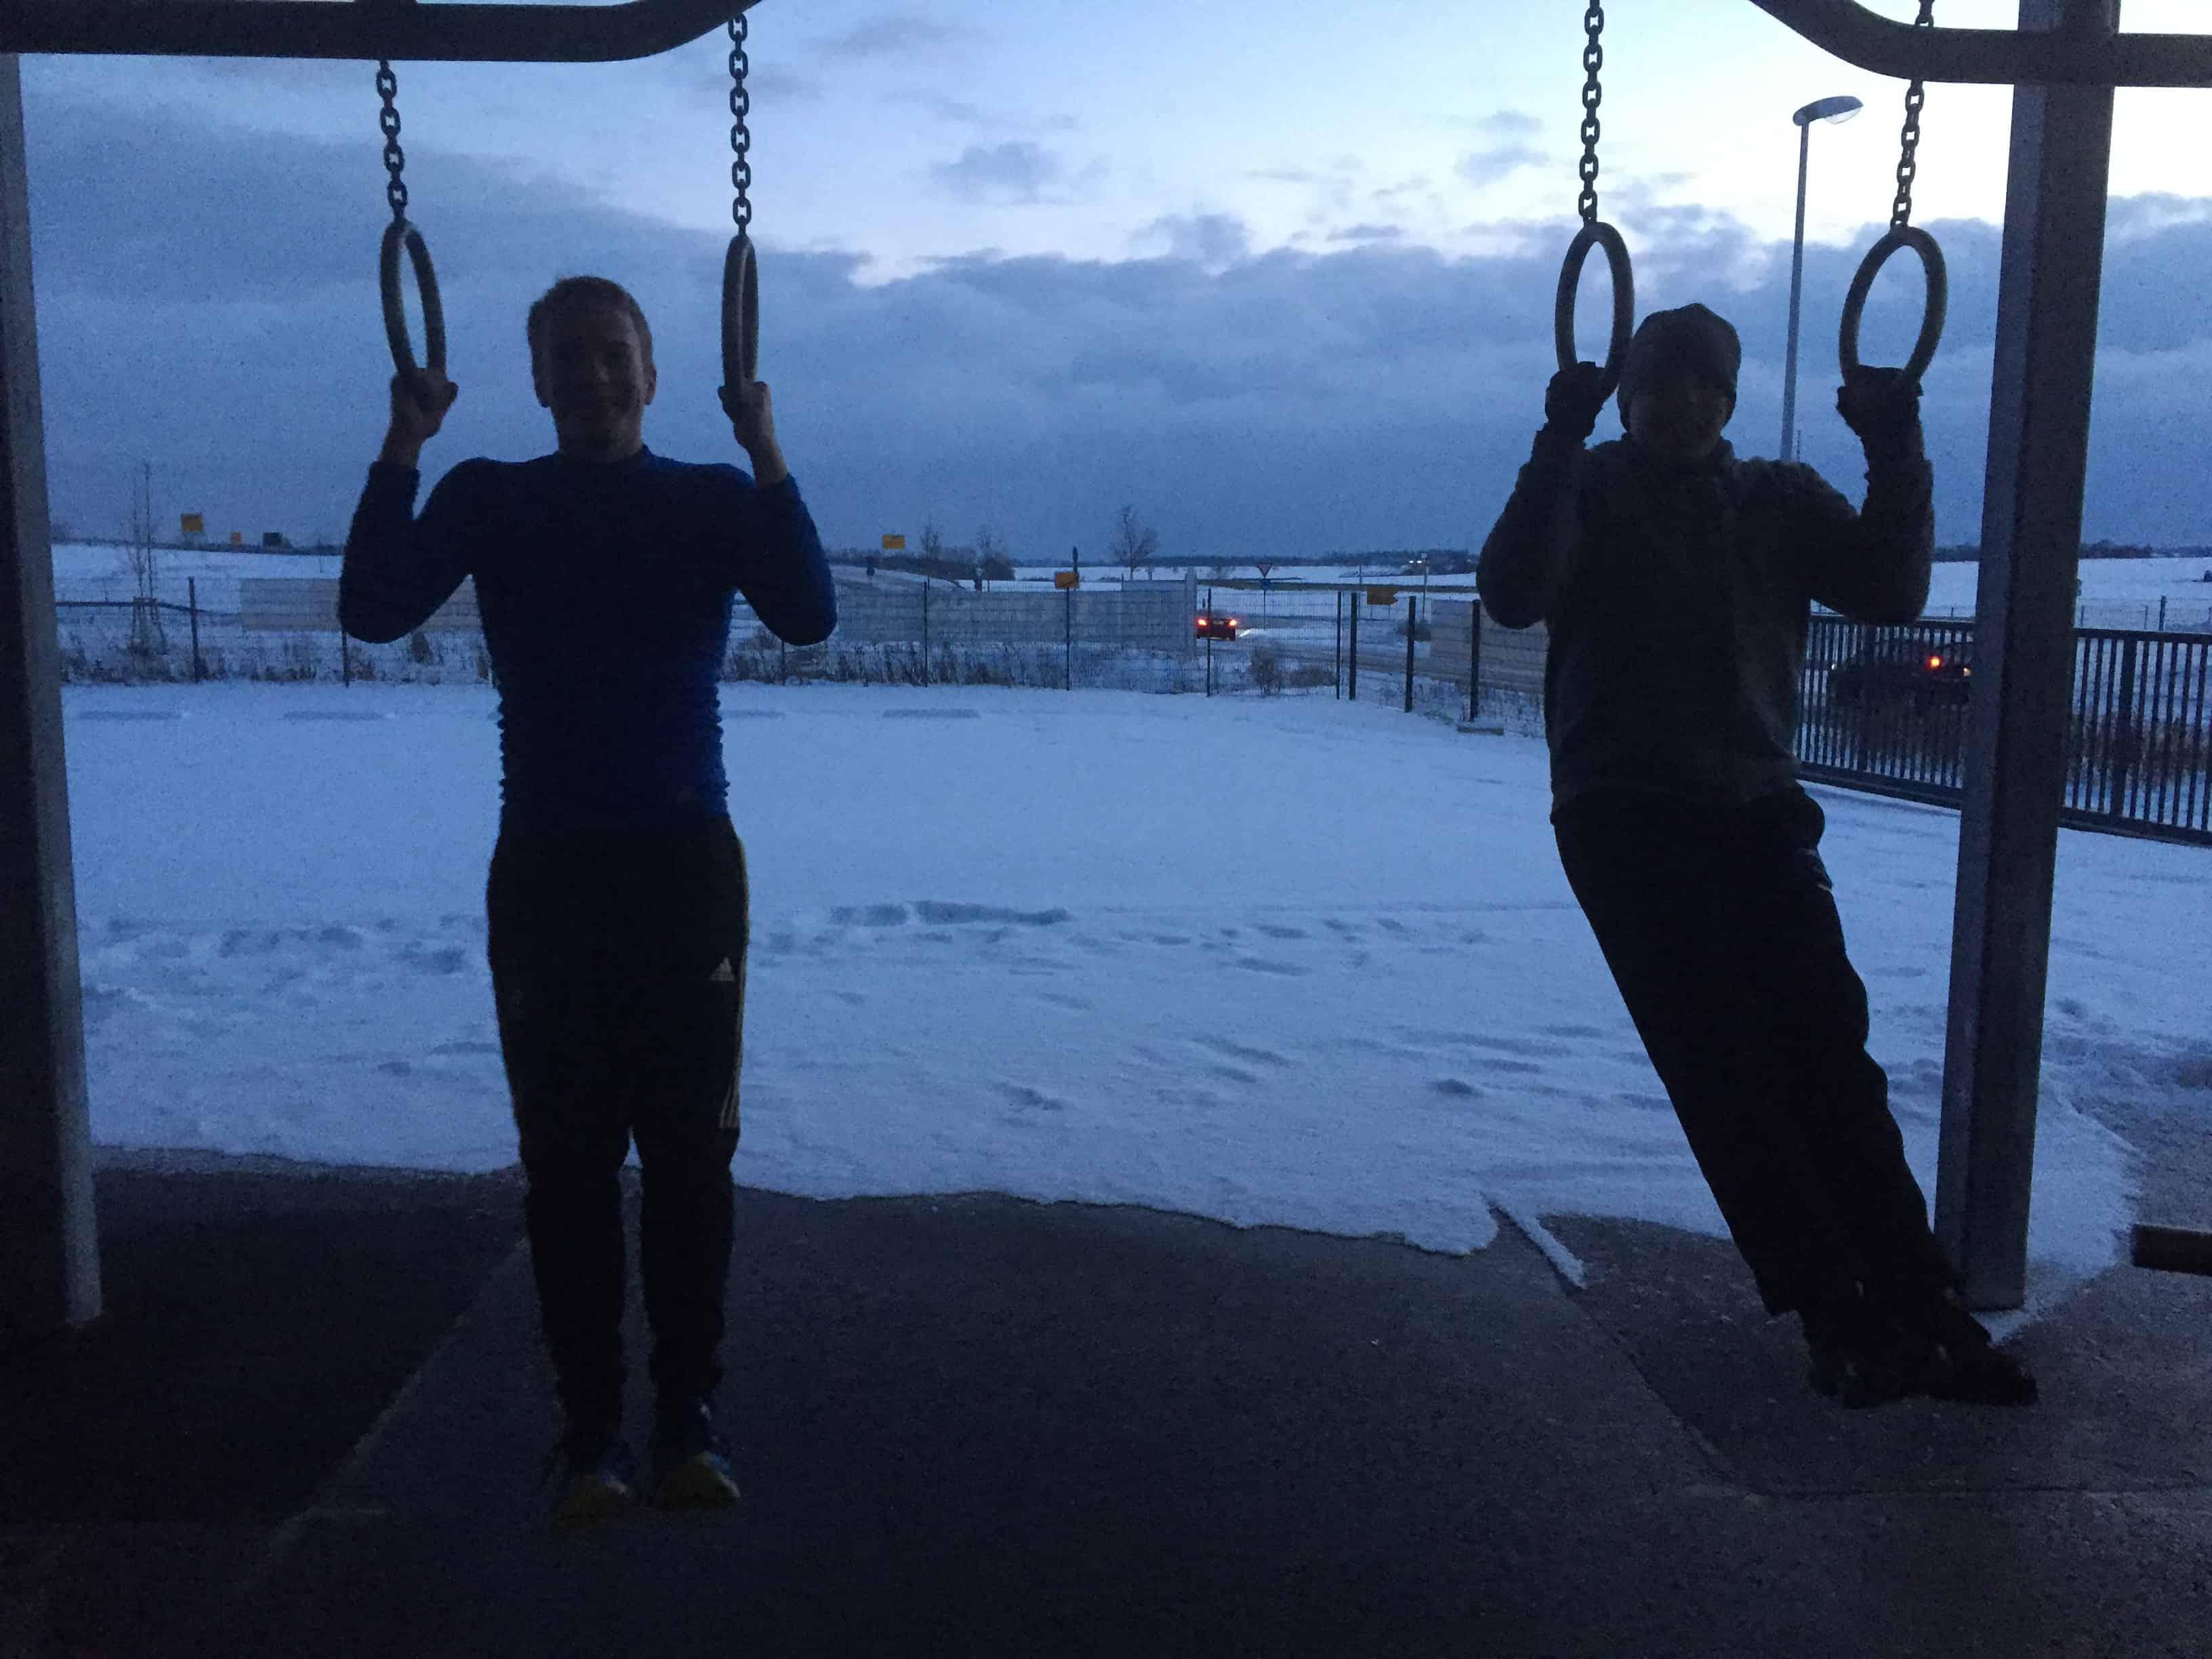 IMG 0358 1 - Trainingsrichtlinien - Körperliches Training beim Bergsteigen